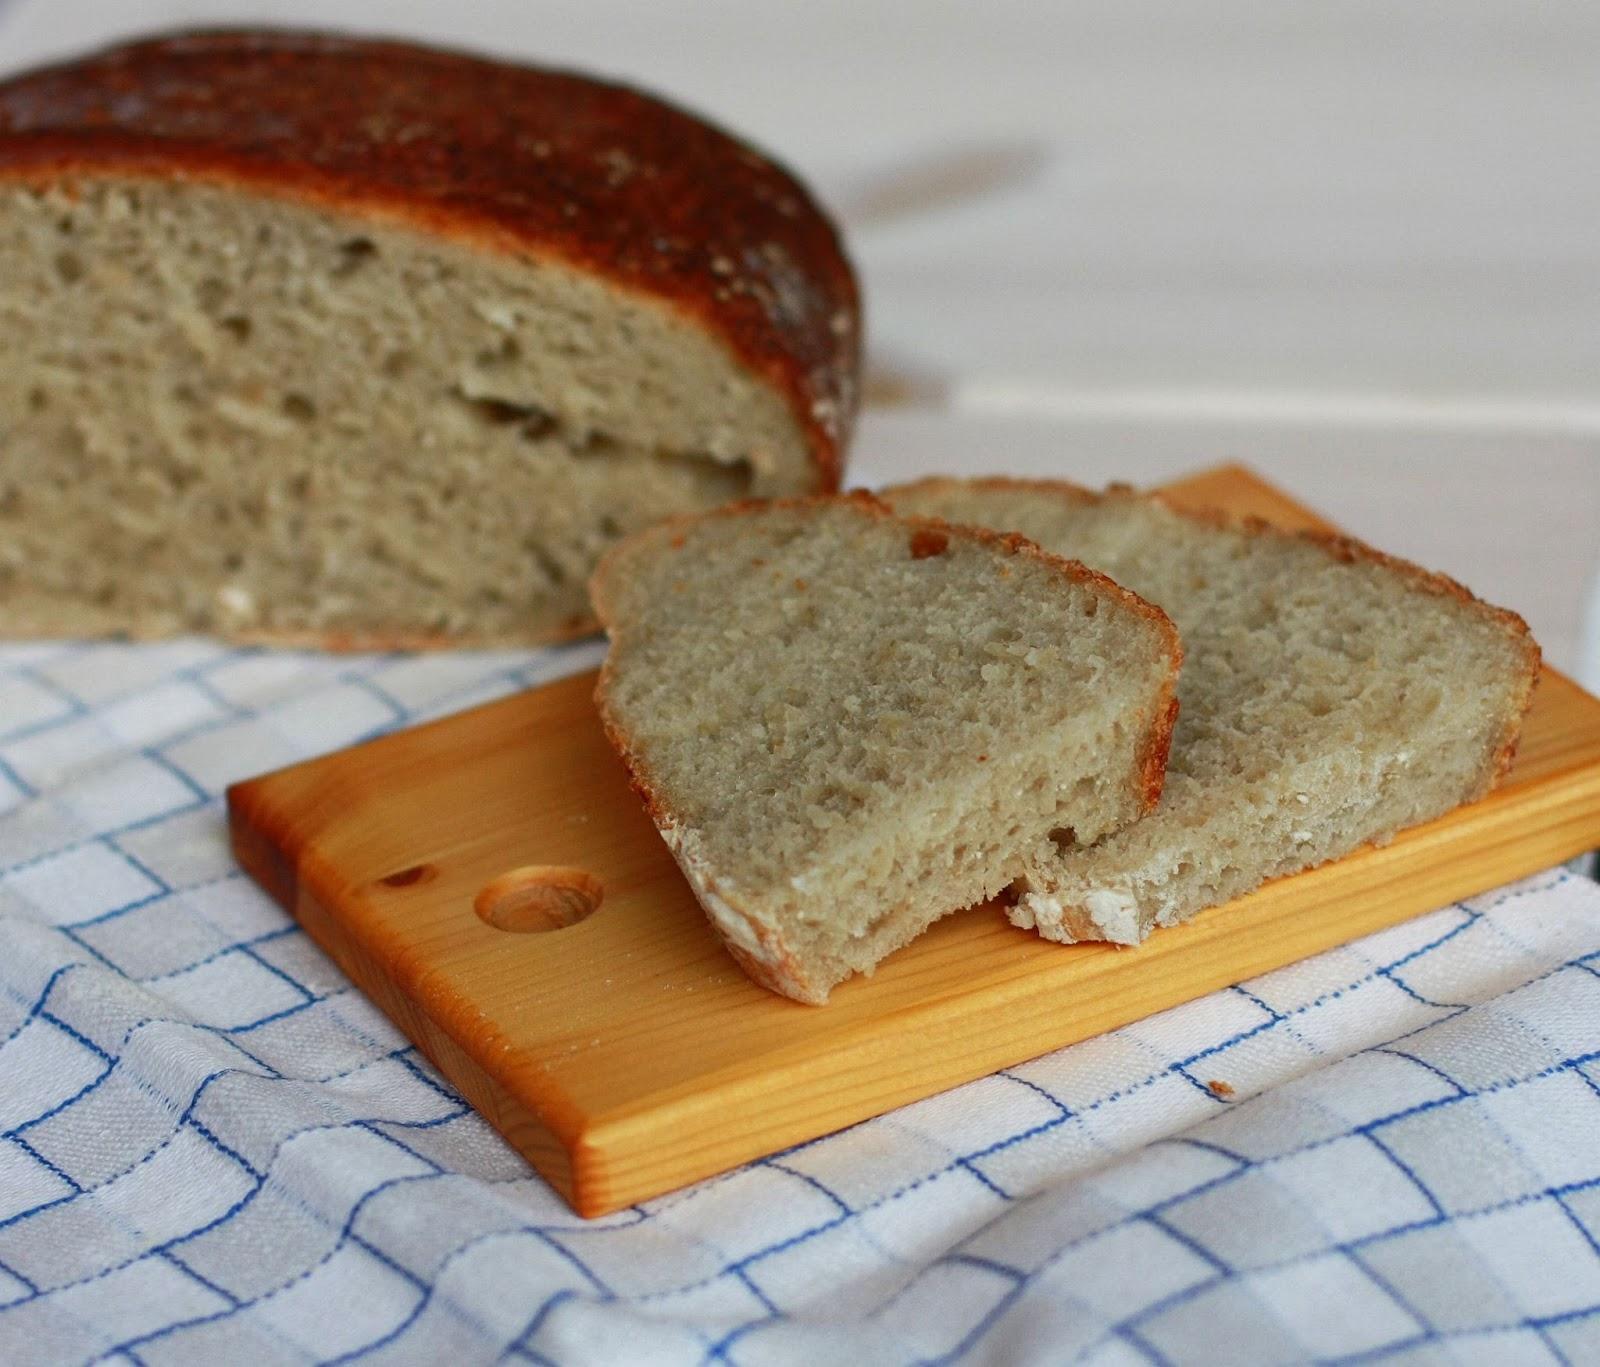 hapanjuurileipä juurileipä vehnäjuuri hapanjuuri juurileivonta leipä leivonta mallaspulla